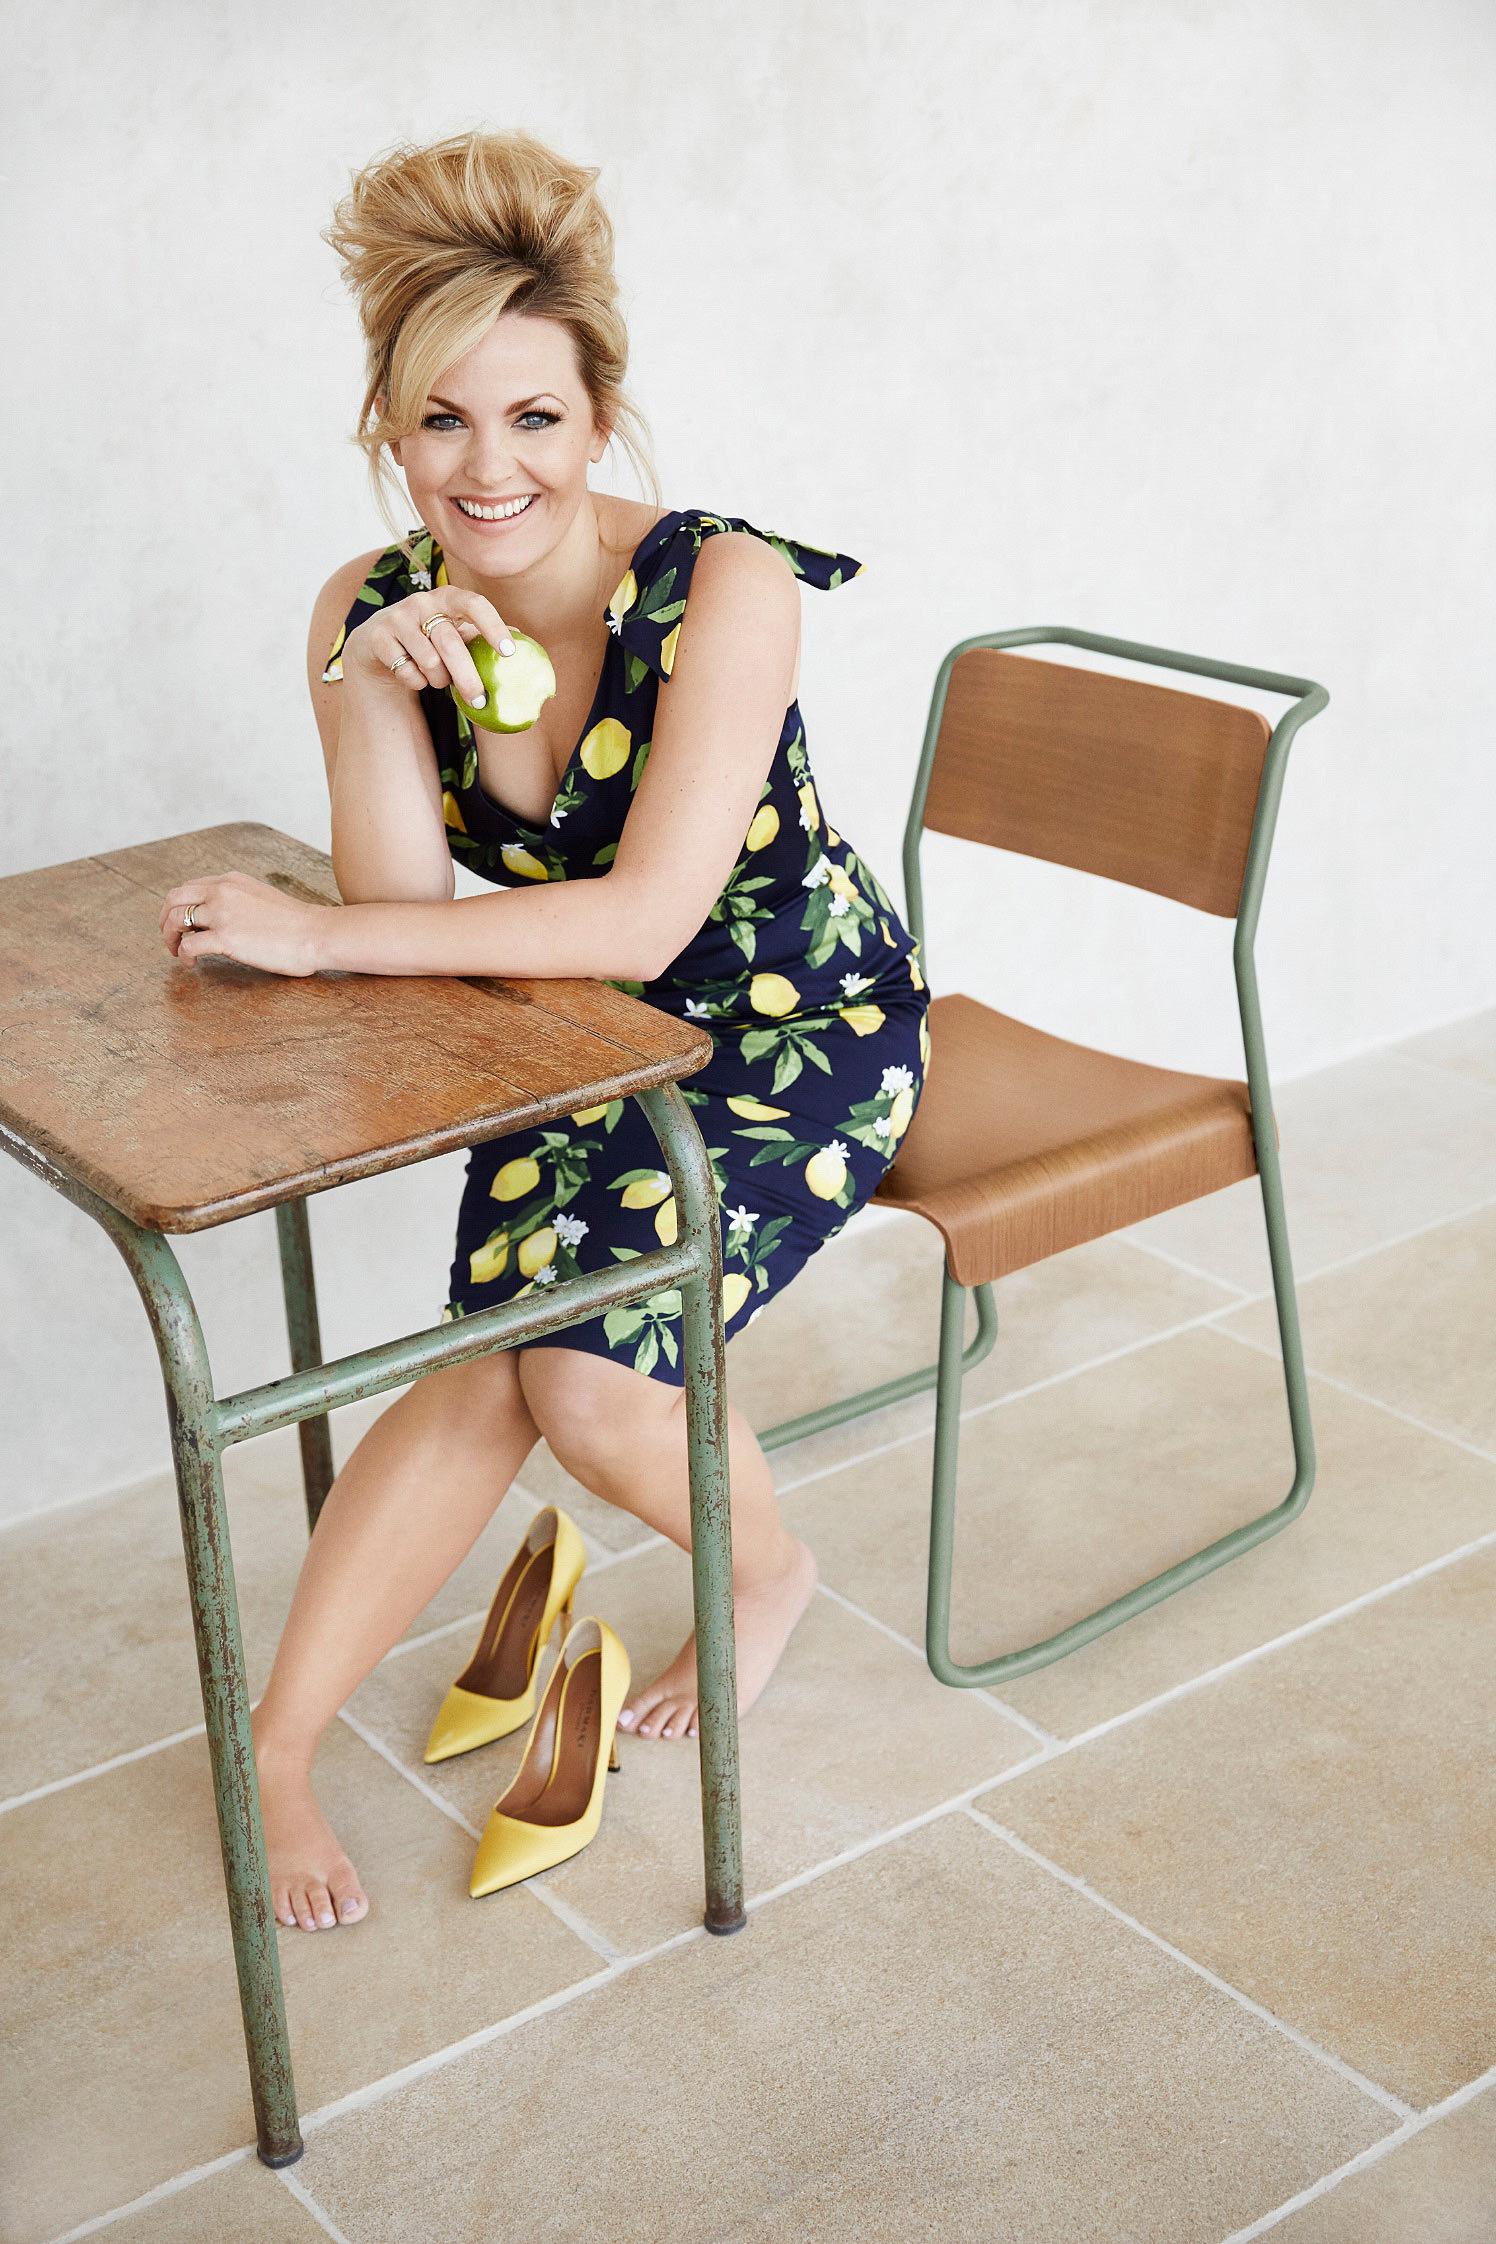 Coronation Street Beauty Michelle Keegan Nominated